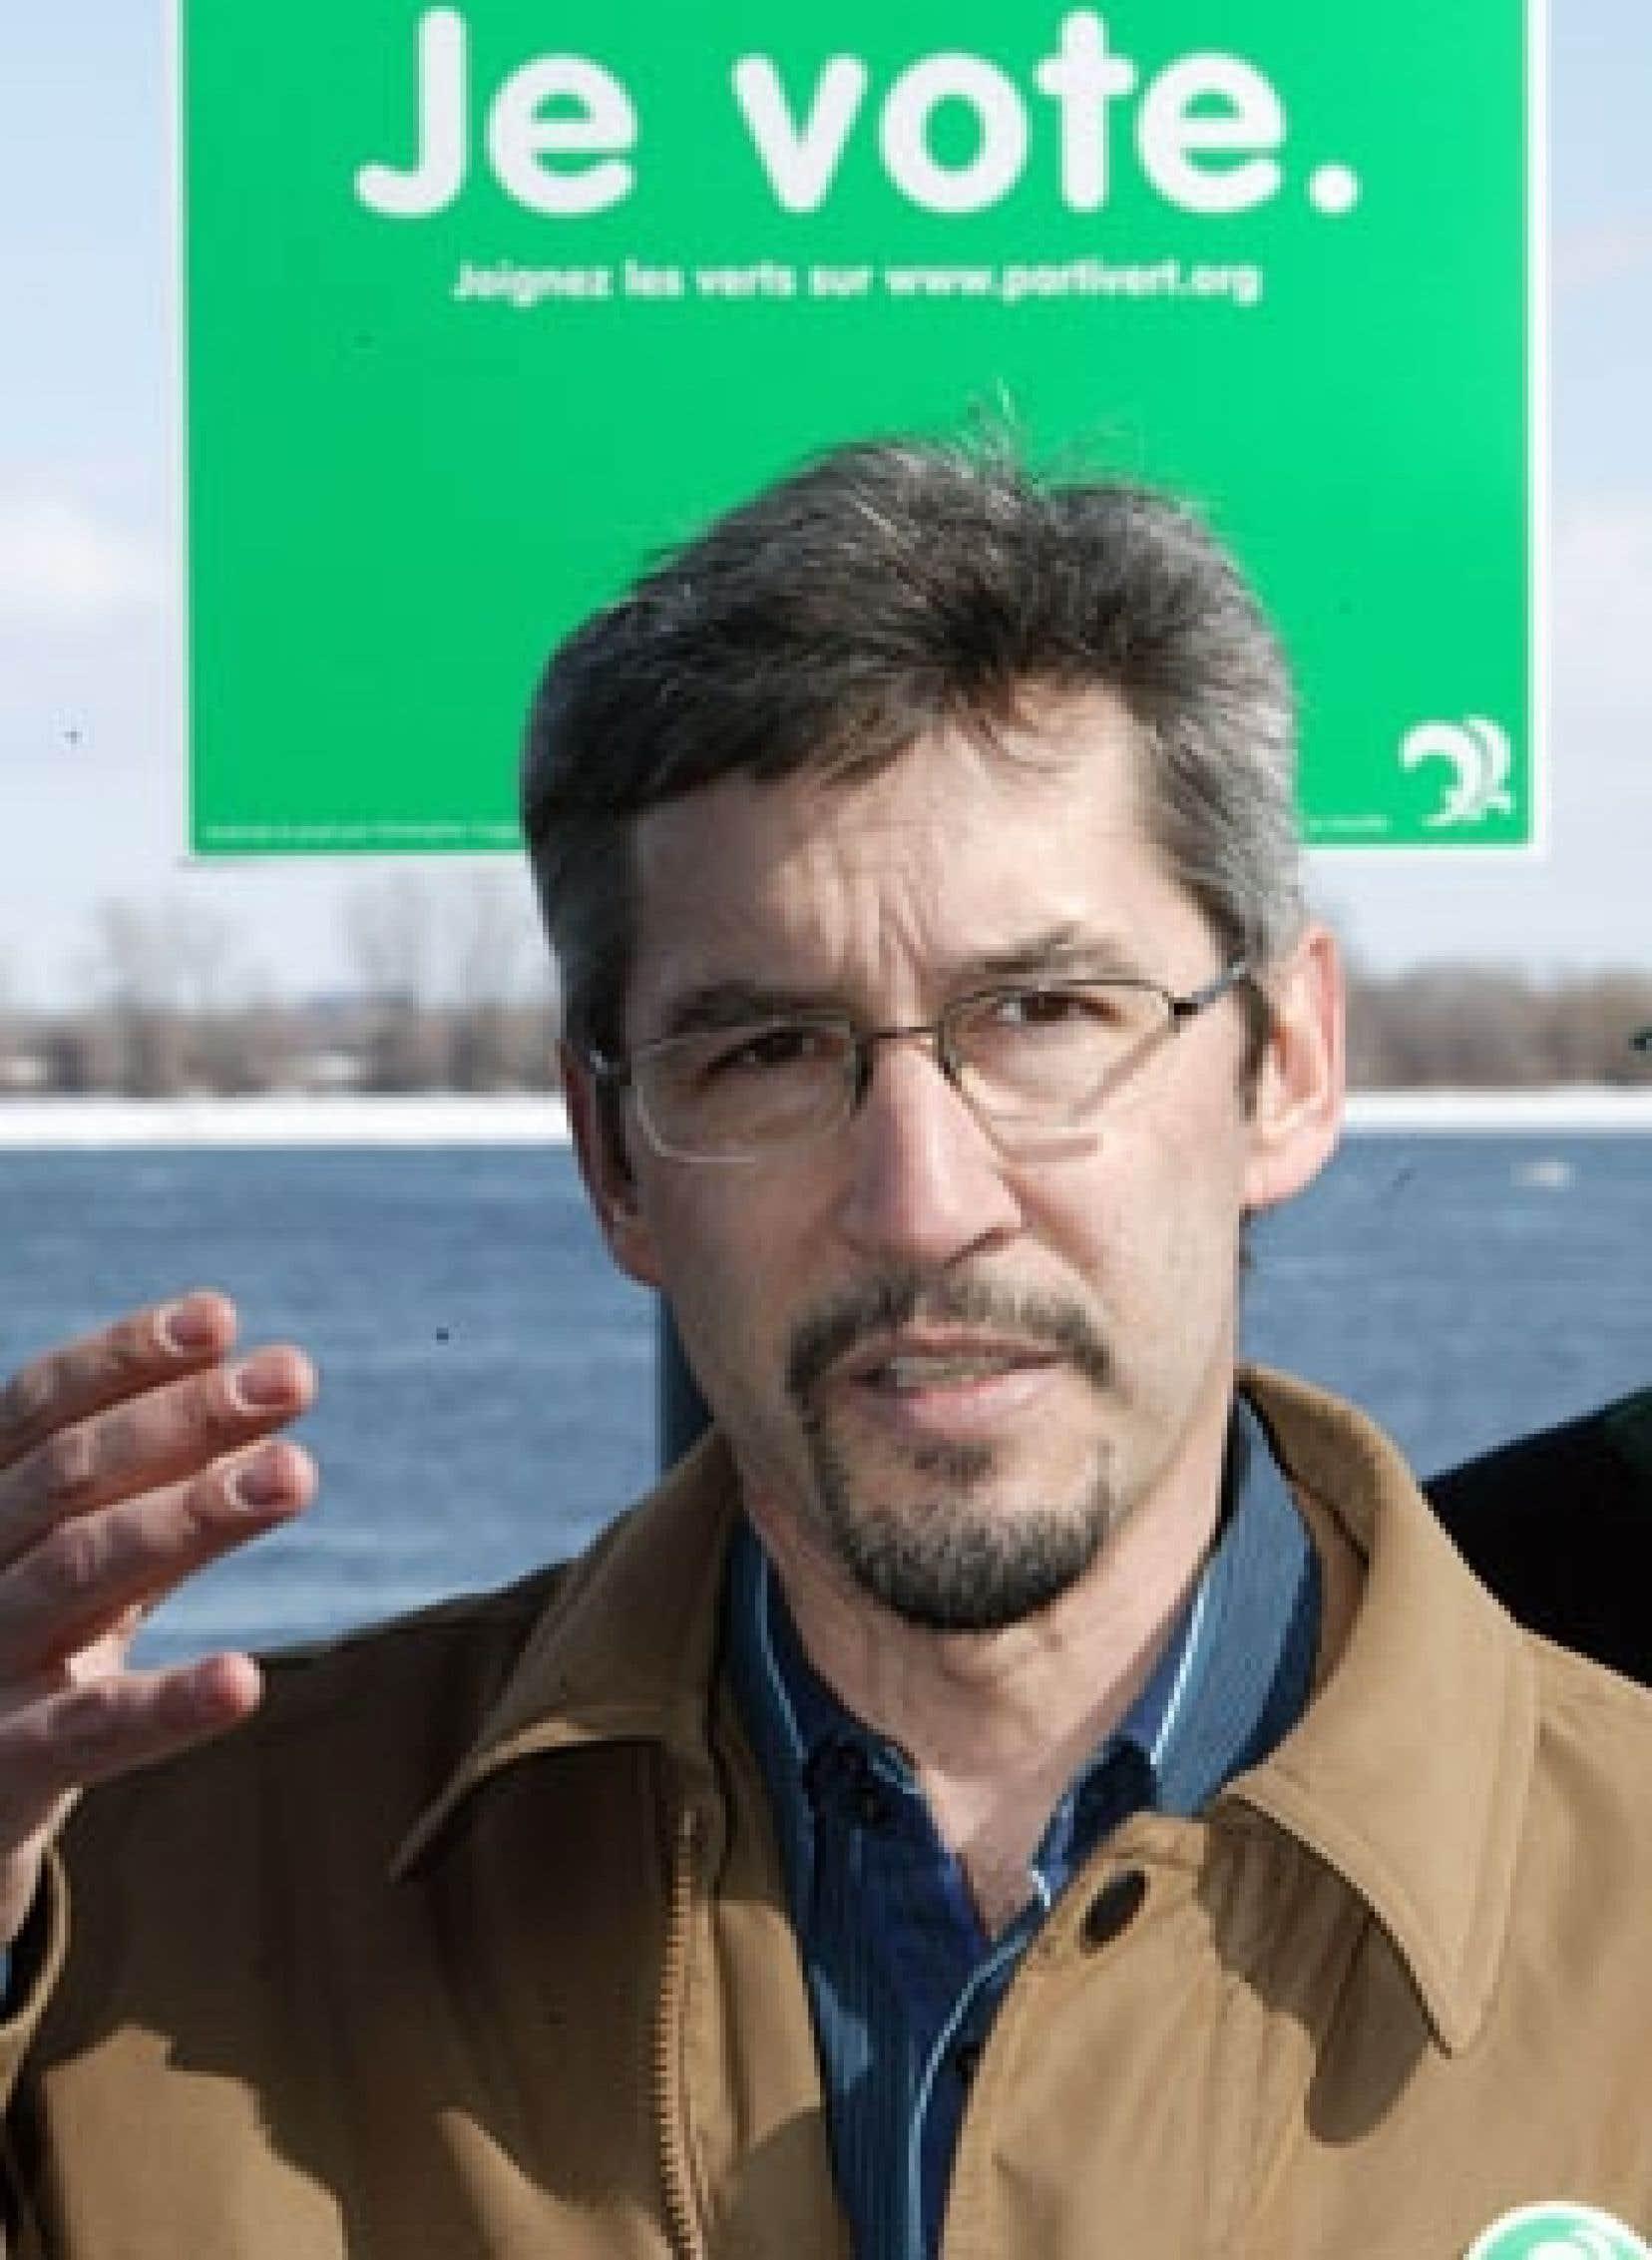 Le chef du Parti vert du Québec, Scott McKay, a profité de sa présence hier à la promenade Bellerive, sur les berges du fleuve, pour promouvoir un projet de «ceinture verte» autour de l'île de Montréal.